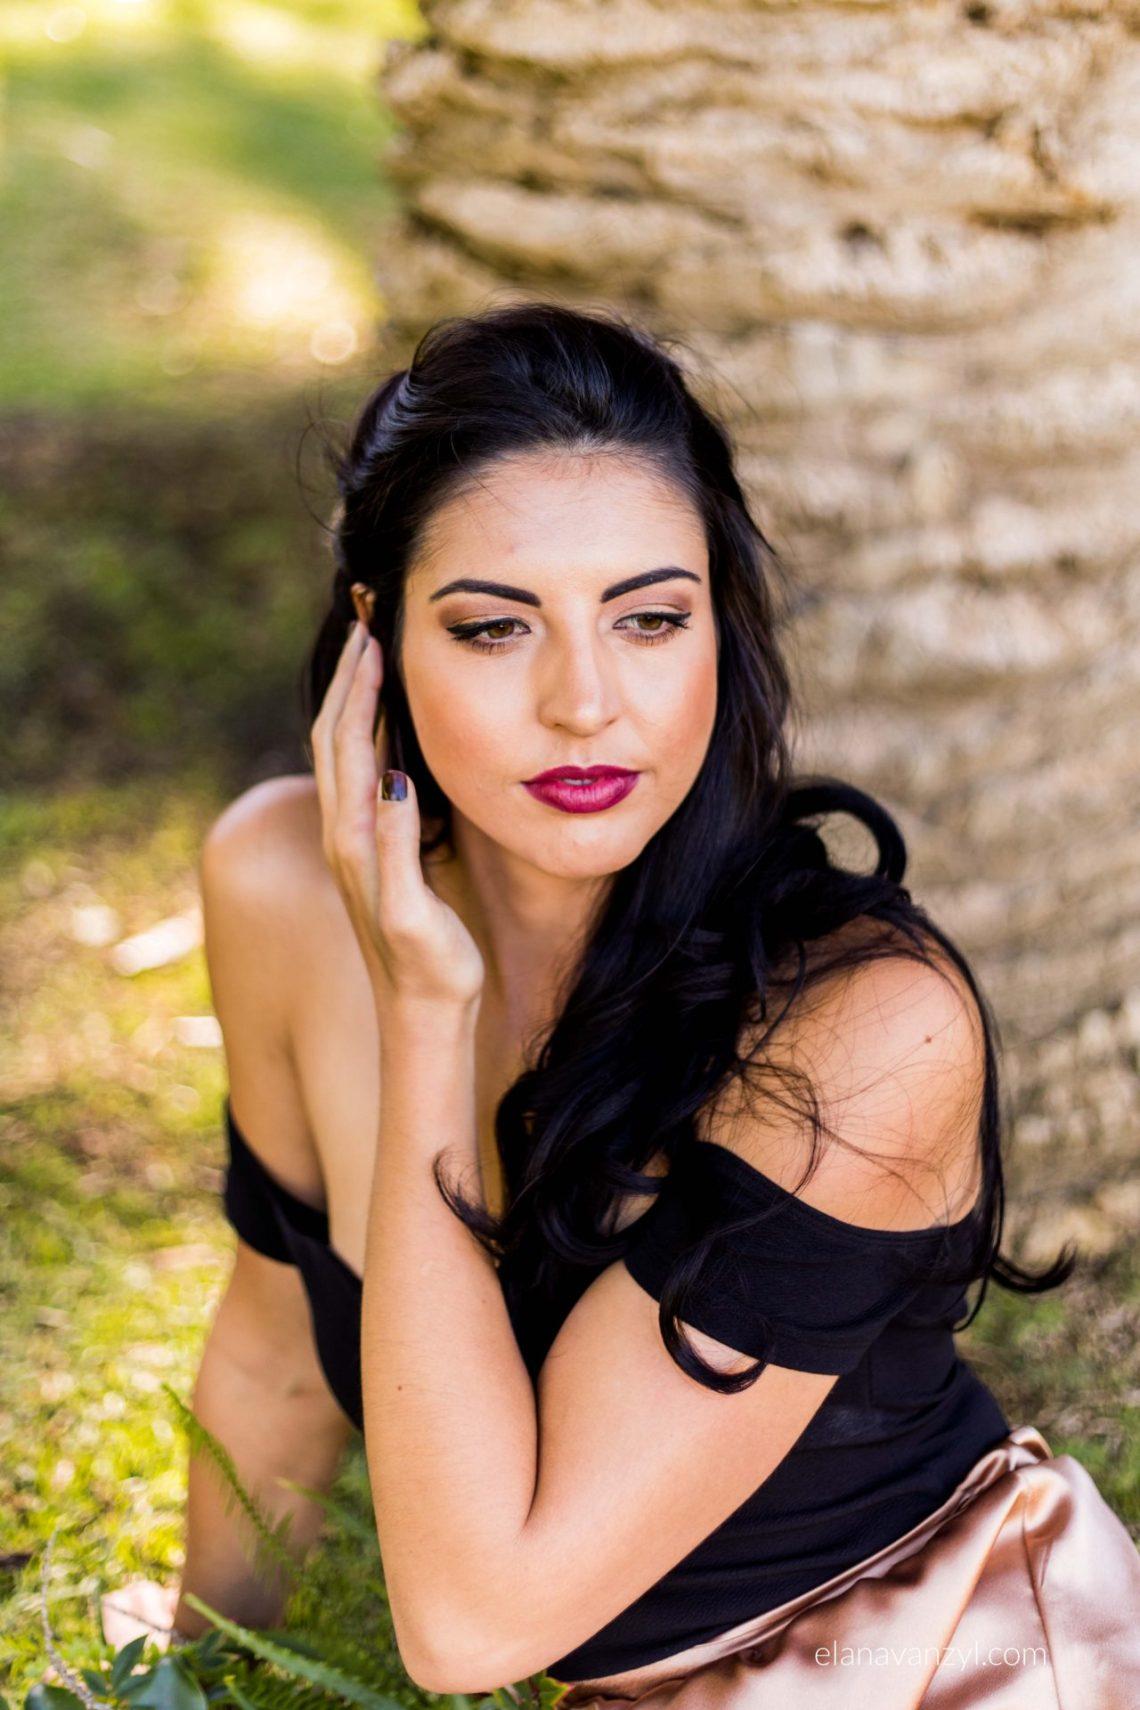 Styled Shoot_Elana van Zyl Photography-2-50